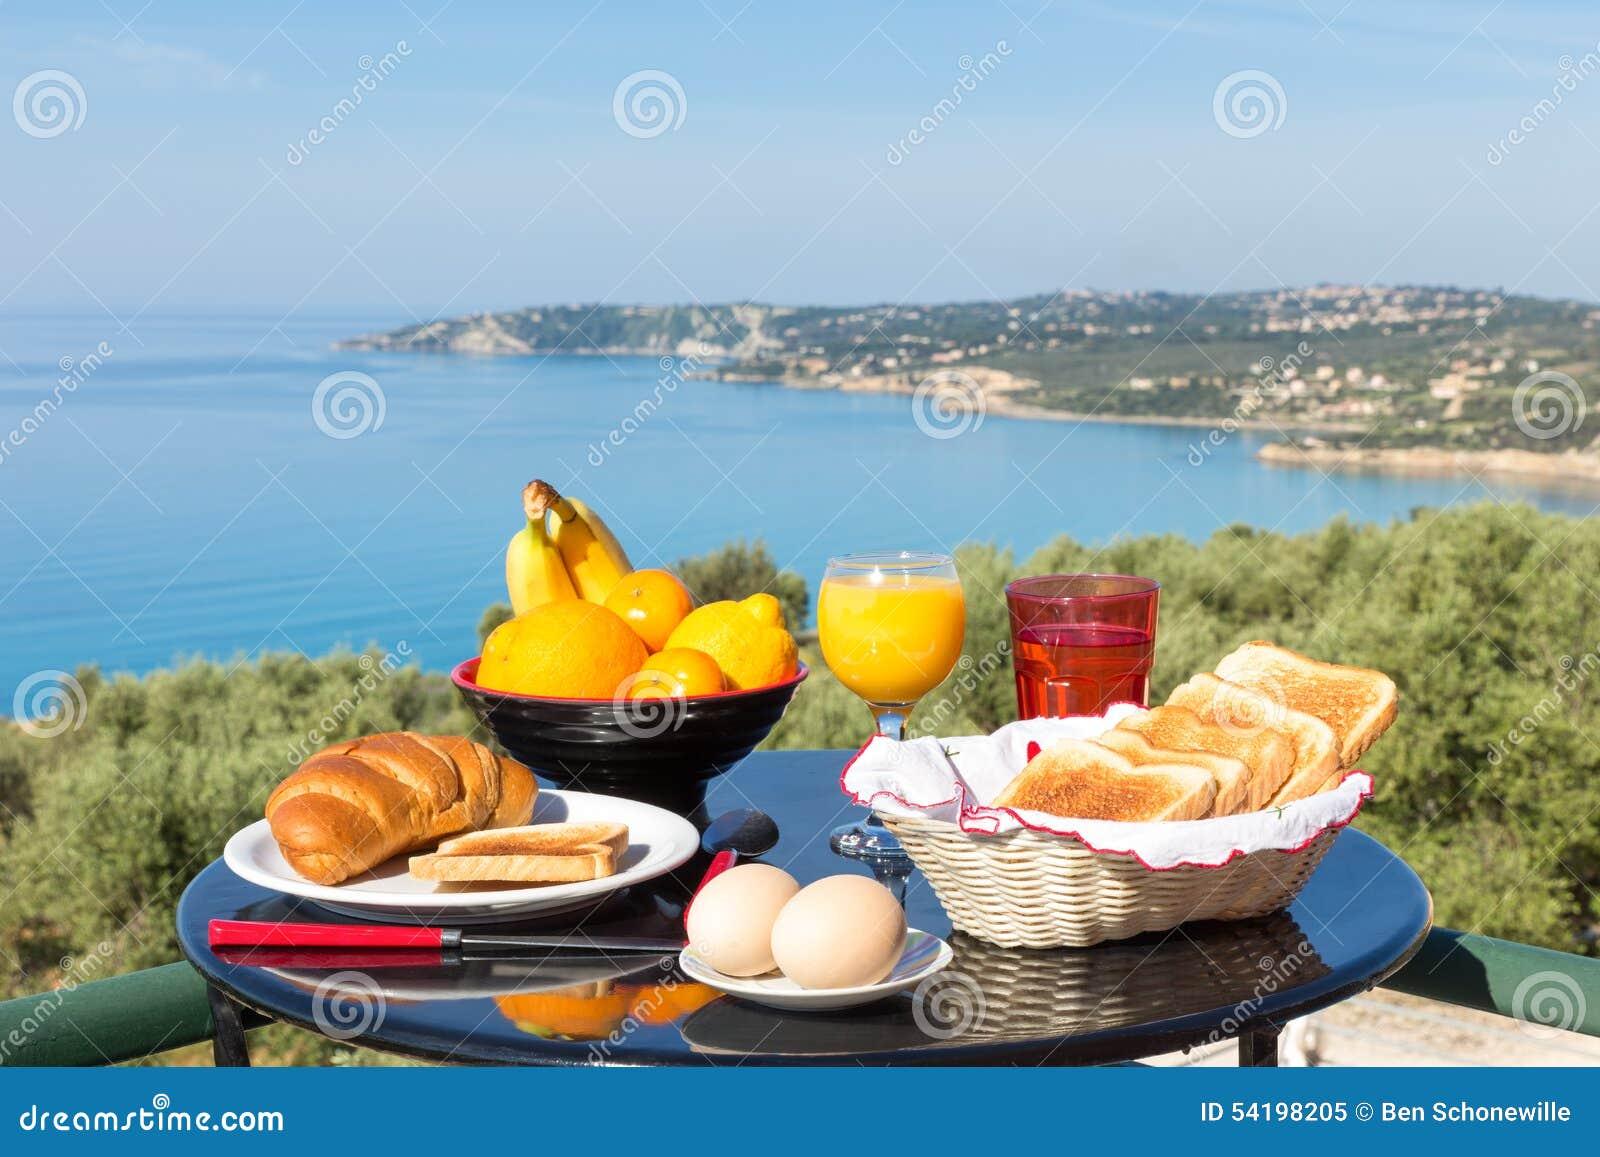 Tabelle mit Lebensmittel und Getränke vor blauem Meer und Strand